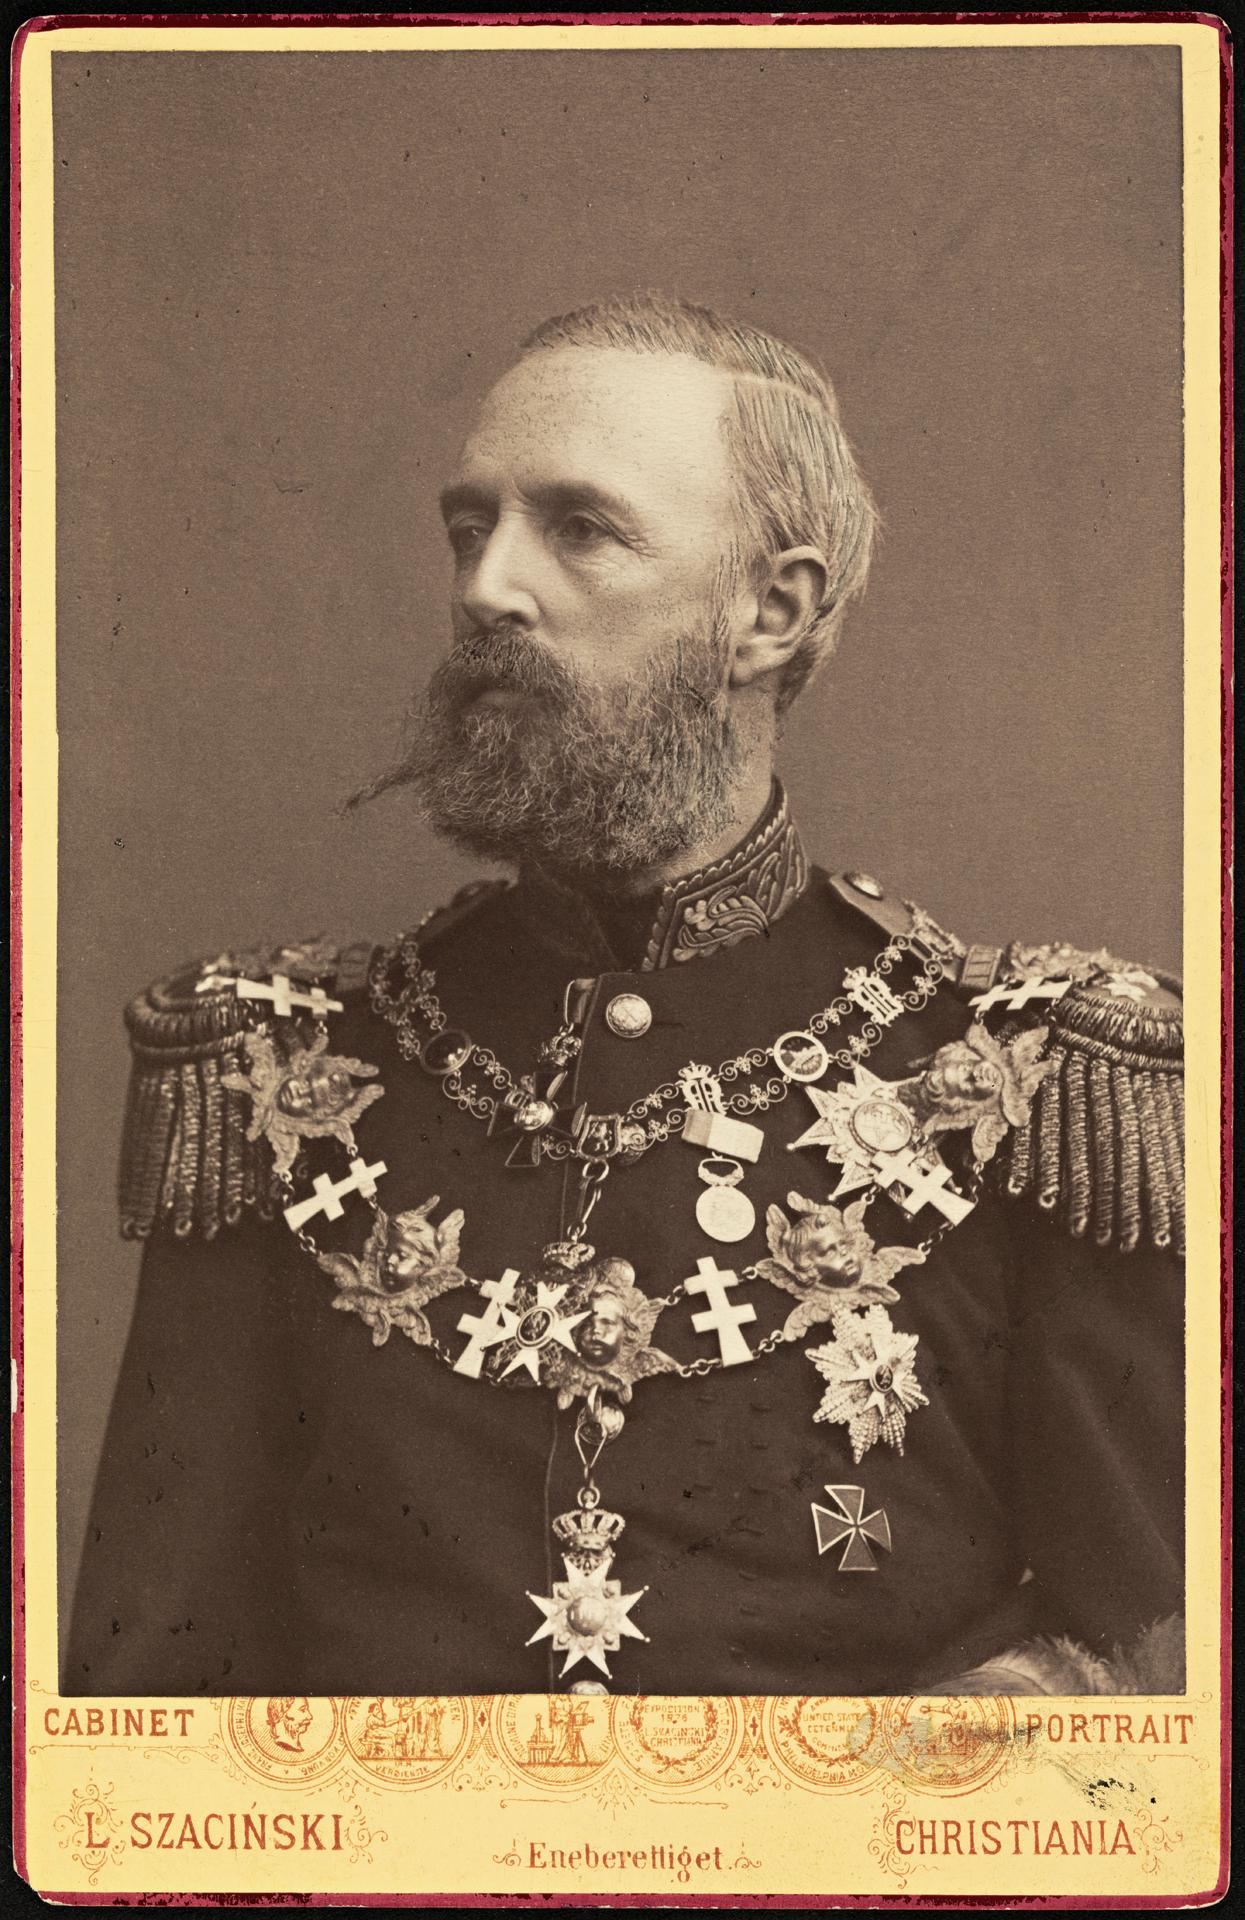 File:Portrett av kong Oscar II, 1883 (6958715581).jpg - Wikimedia Commons